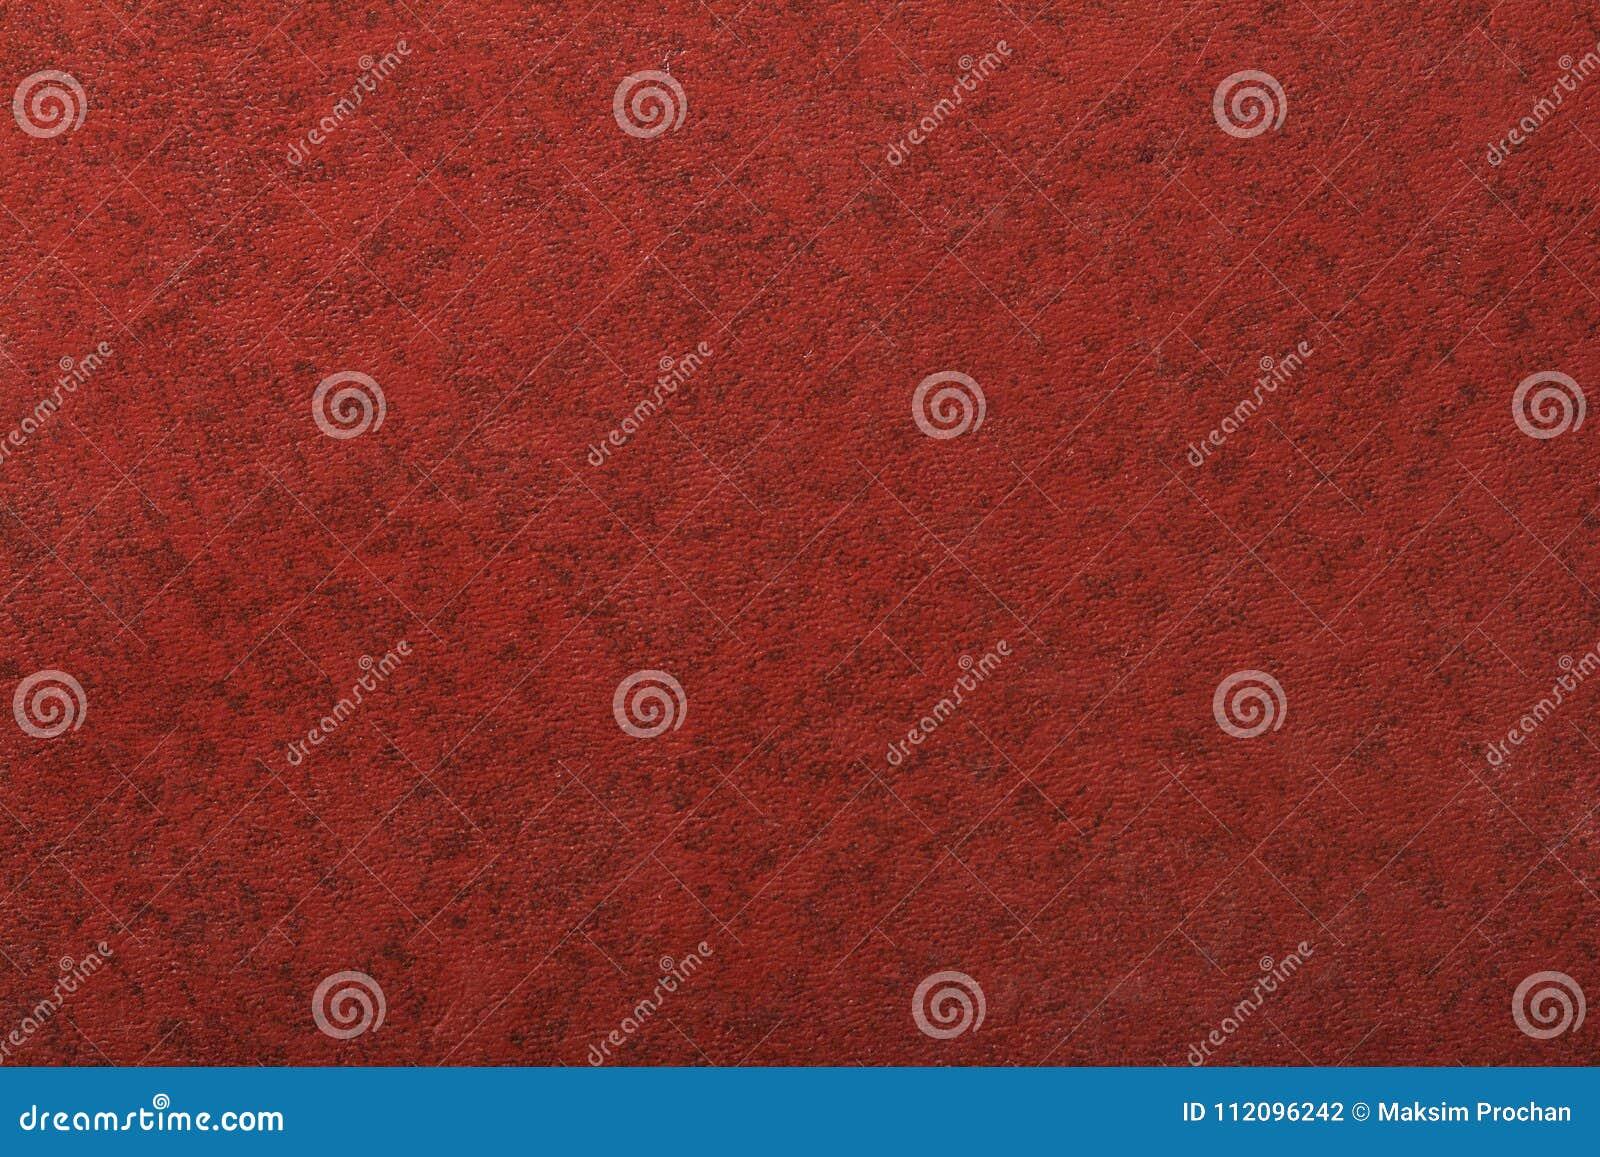 Hintergrund colorsd Lederbeschaffenheit